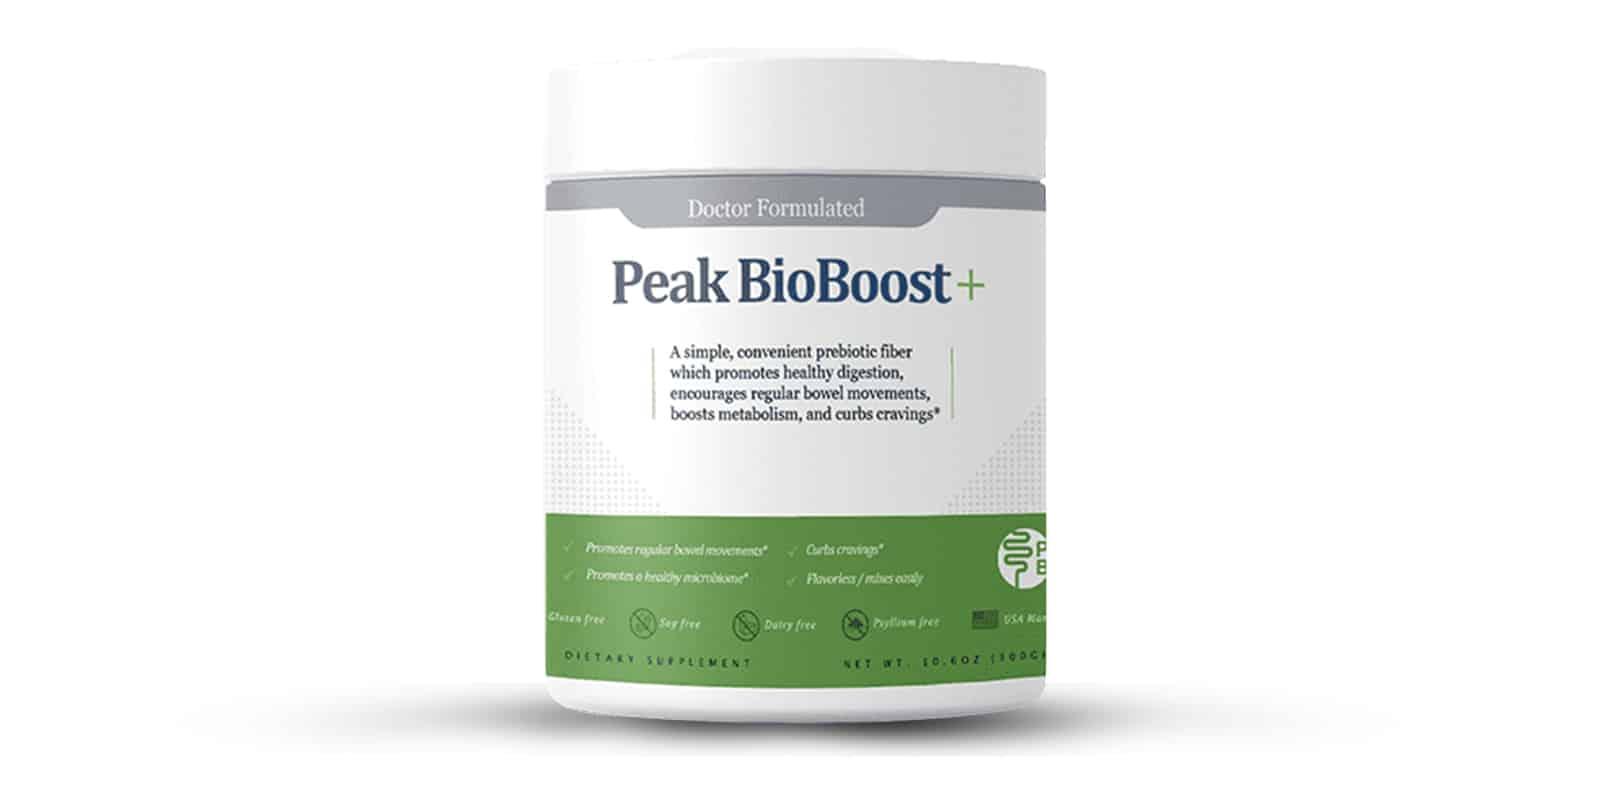 Peak Bio Boost review